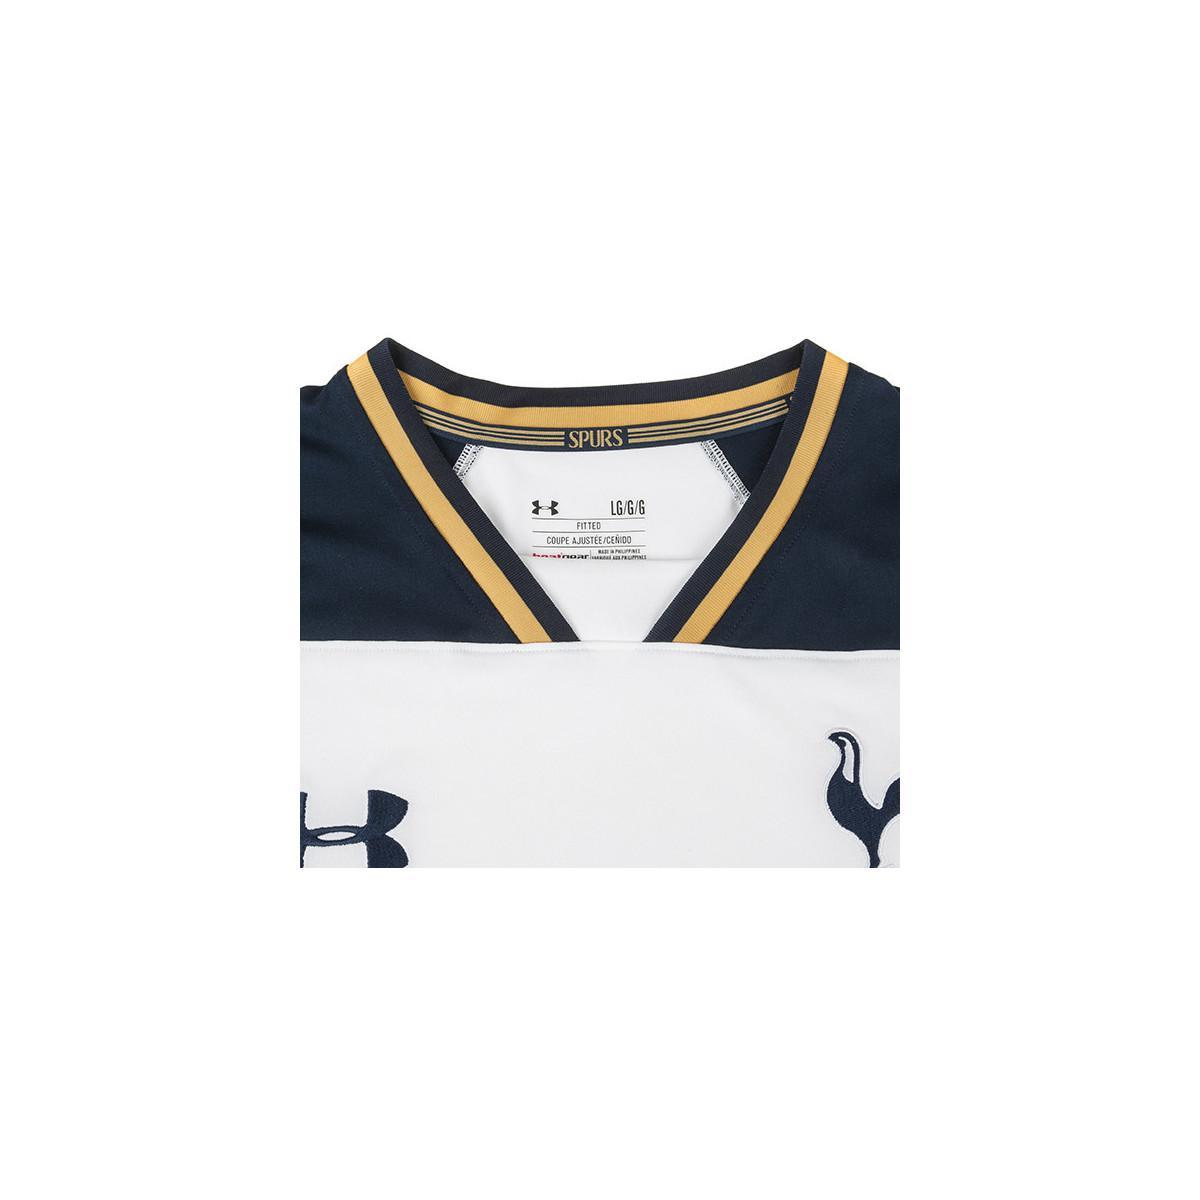 Under Armour 2016-2017 Tottenham Home Football Shirt Women s T Shirt ... f131a9c686